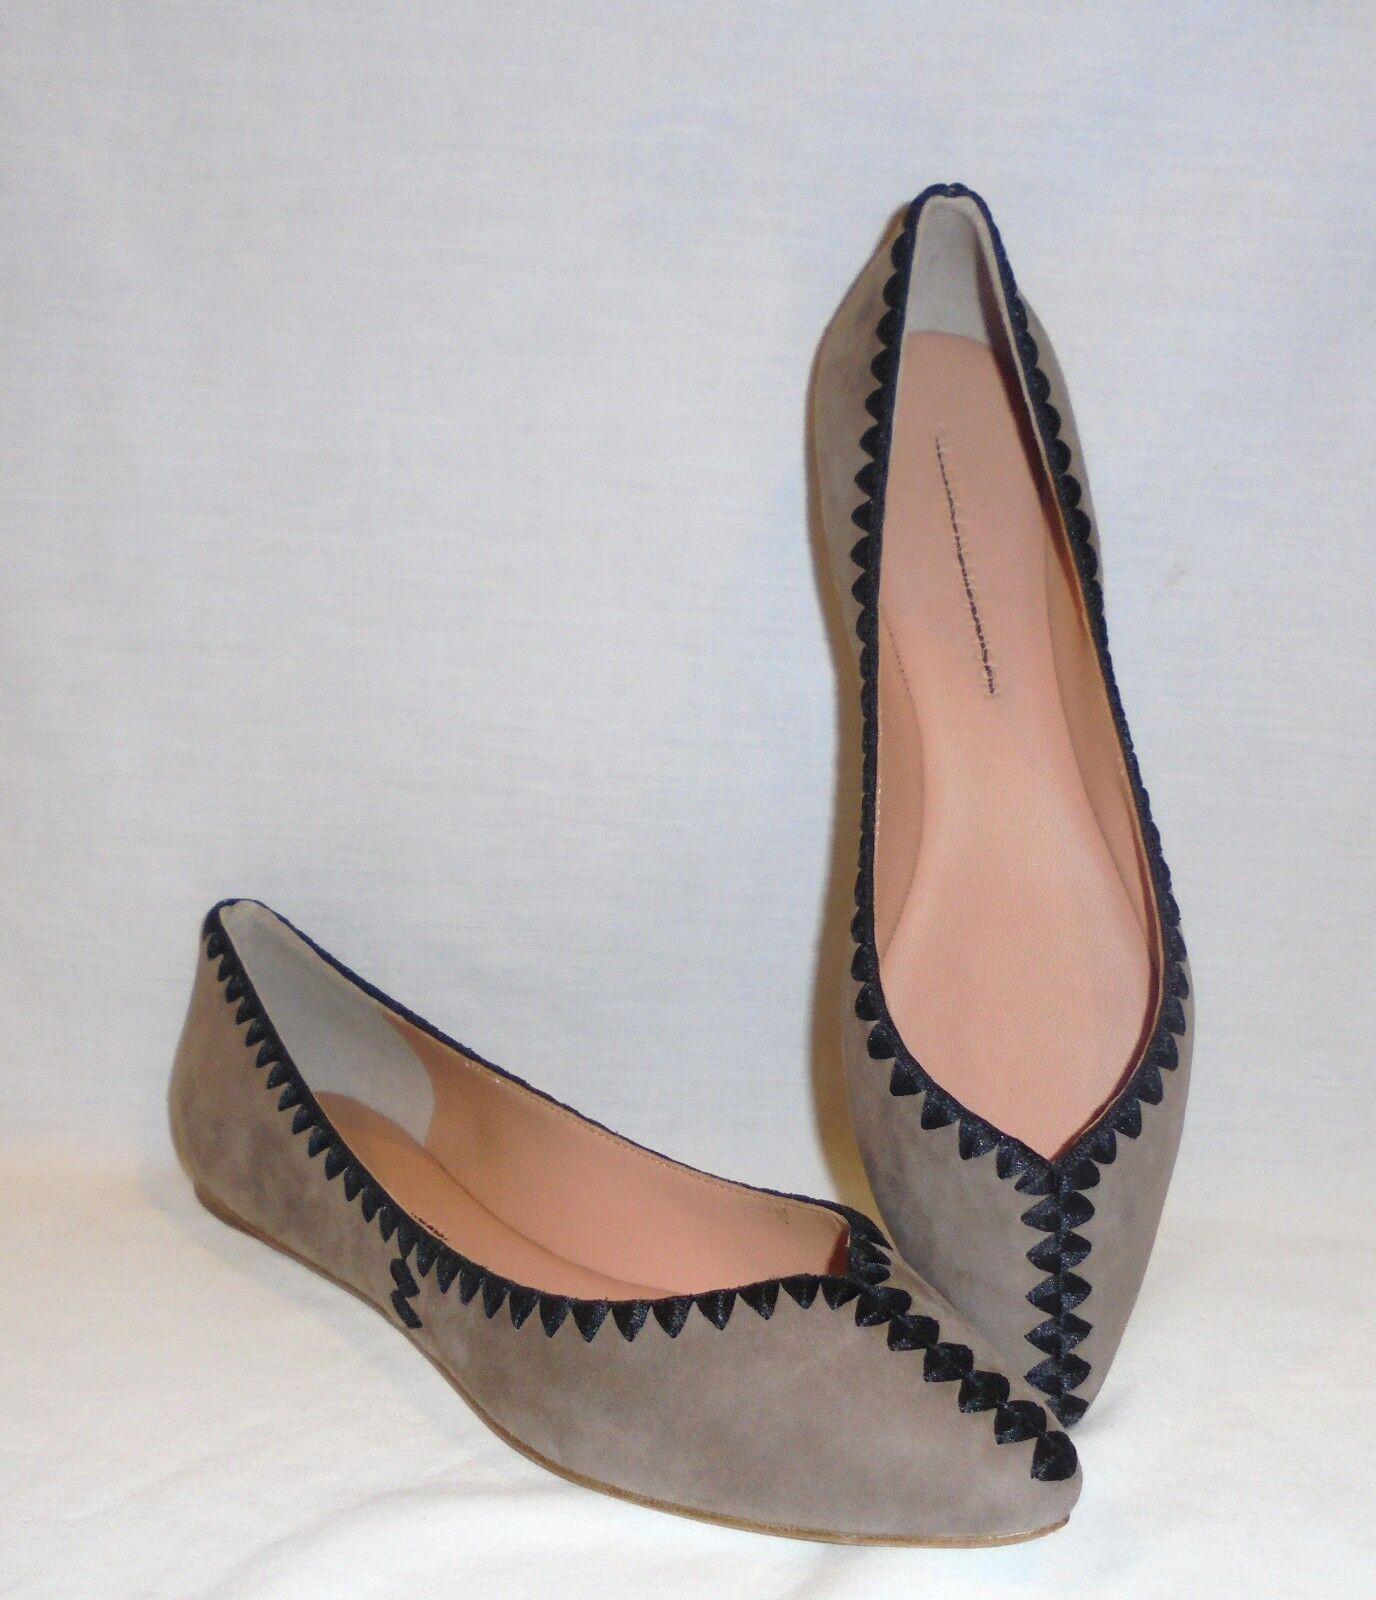 Sigerson Morrison Women's Vinal Suede Stitched Ballet Flats Retail  278 size 7